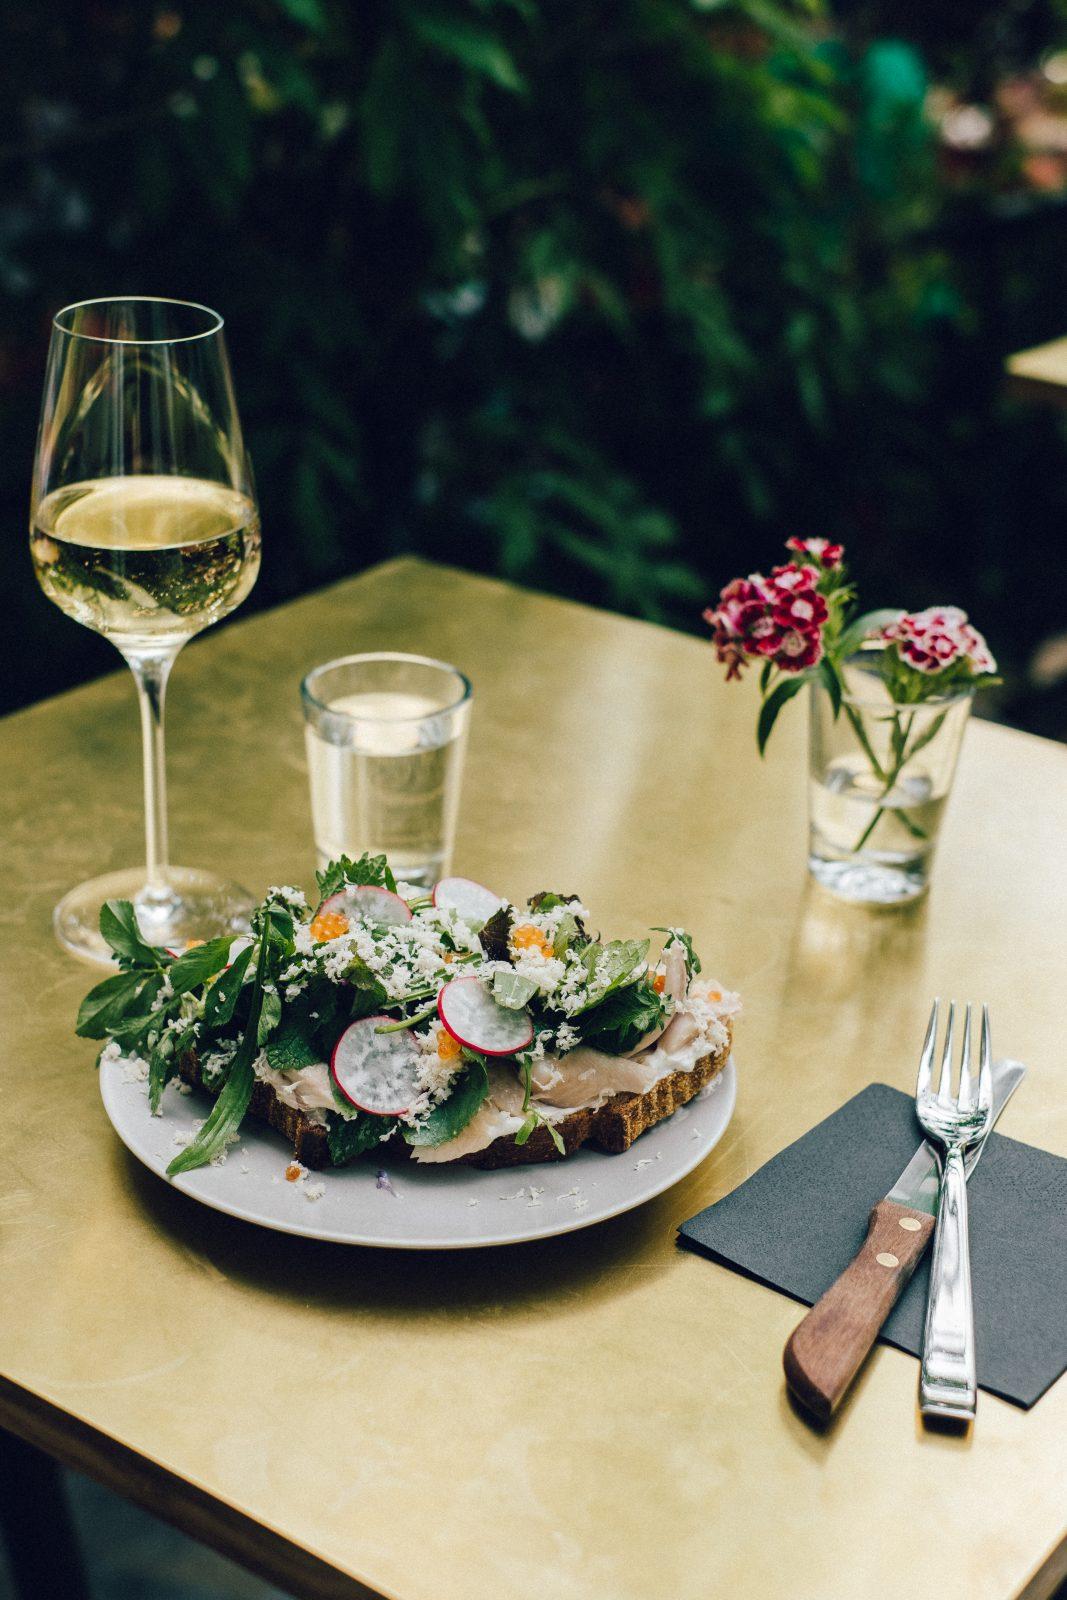 Weinbar Berlin Eine schöne Auswahl an offenen Weinen gibt es auch bei Frau Luna am Paul-Lincke-Ufer. Dazu wird kalte Apéroküche serviert.